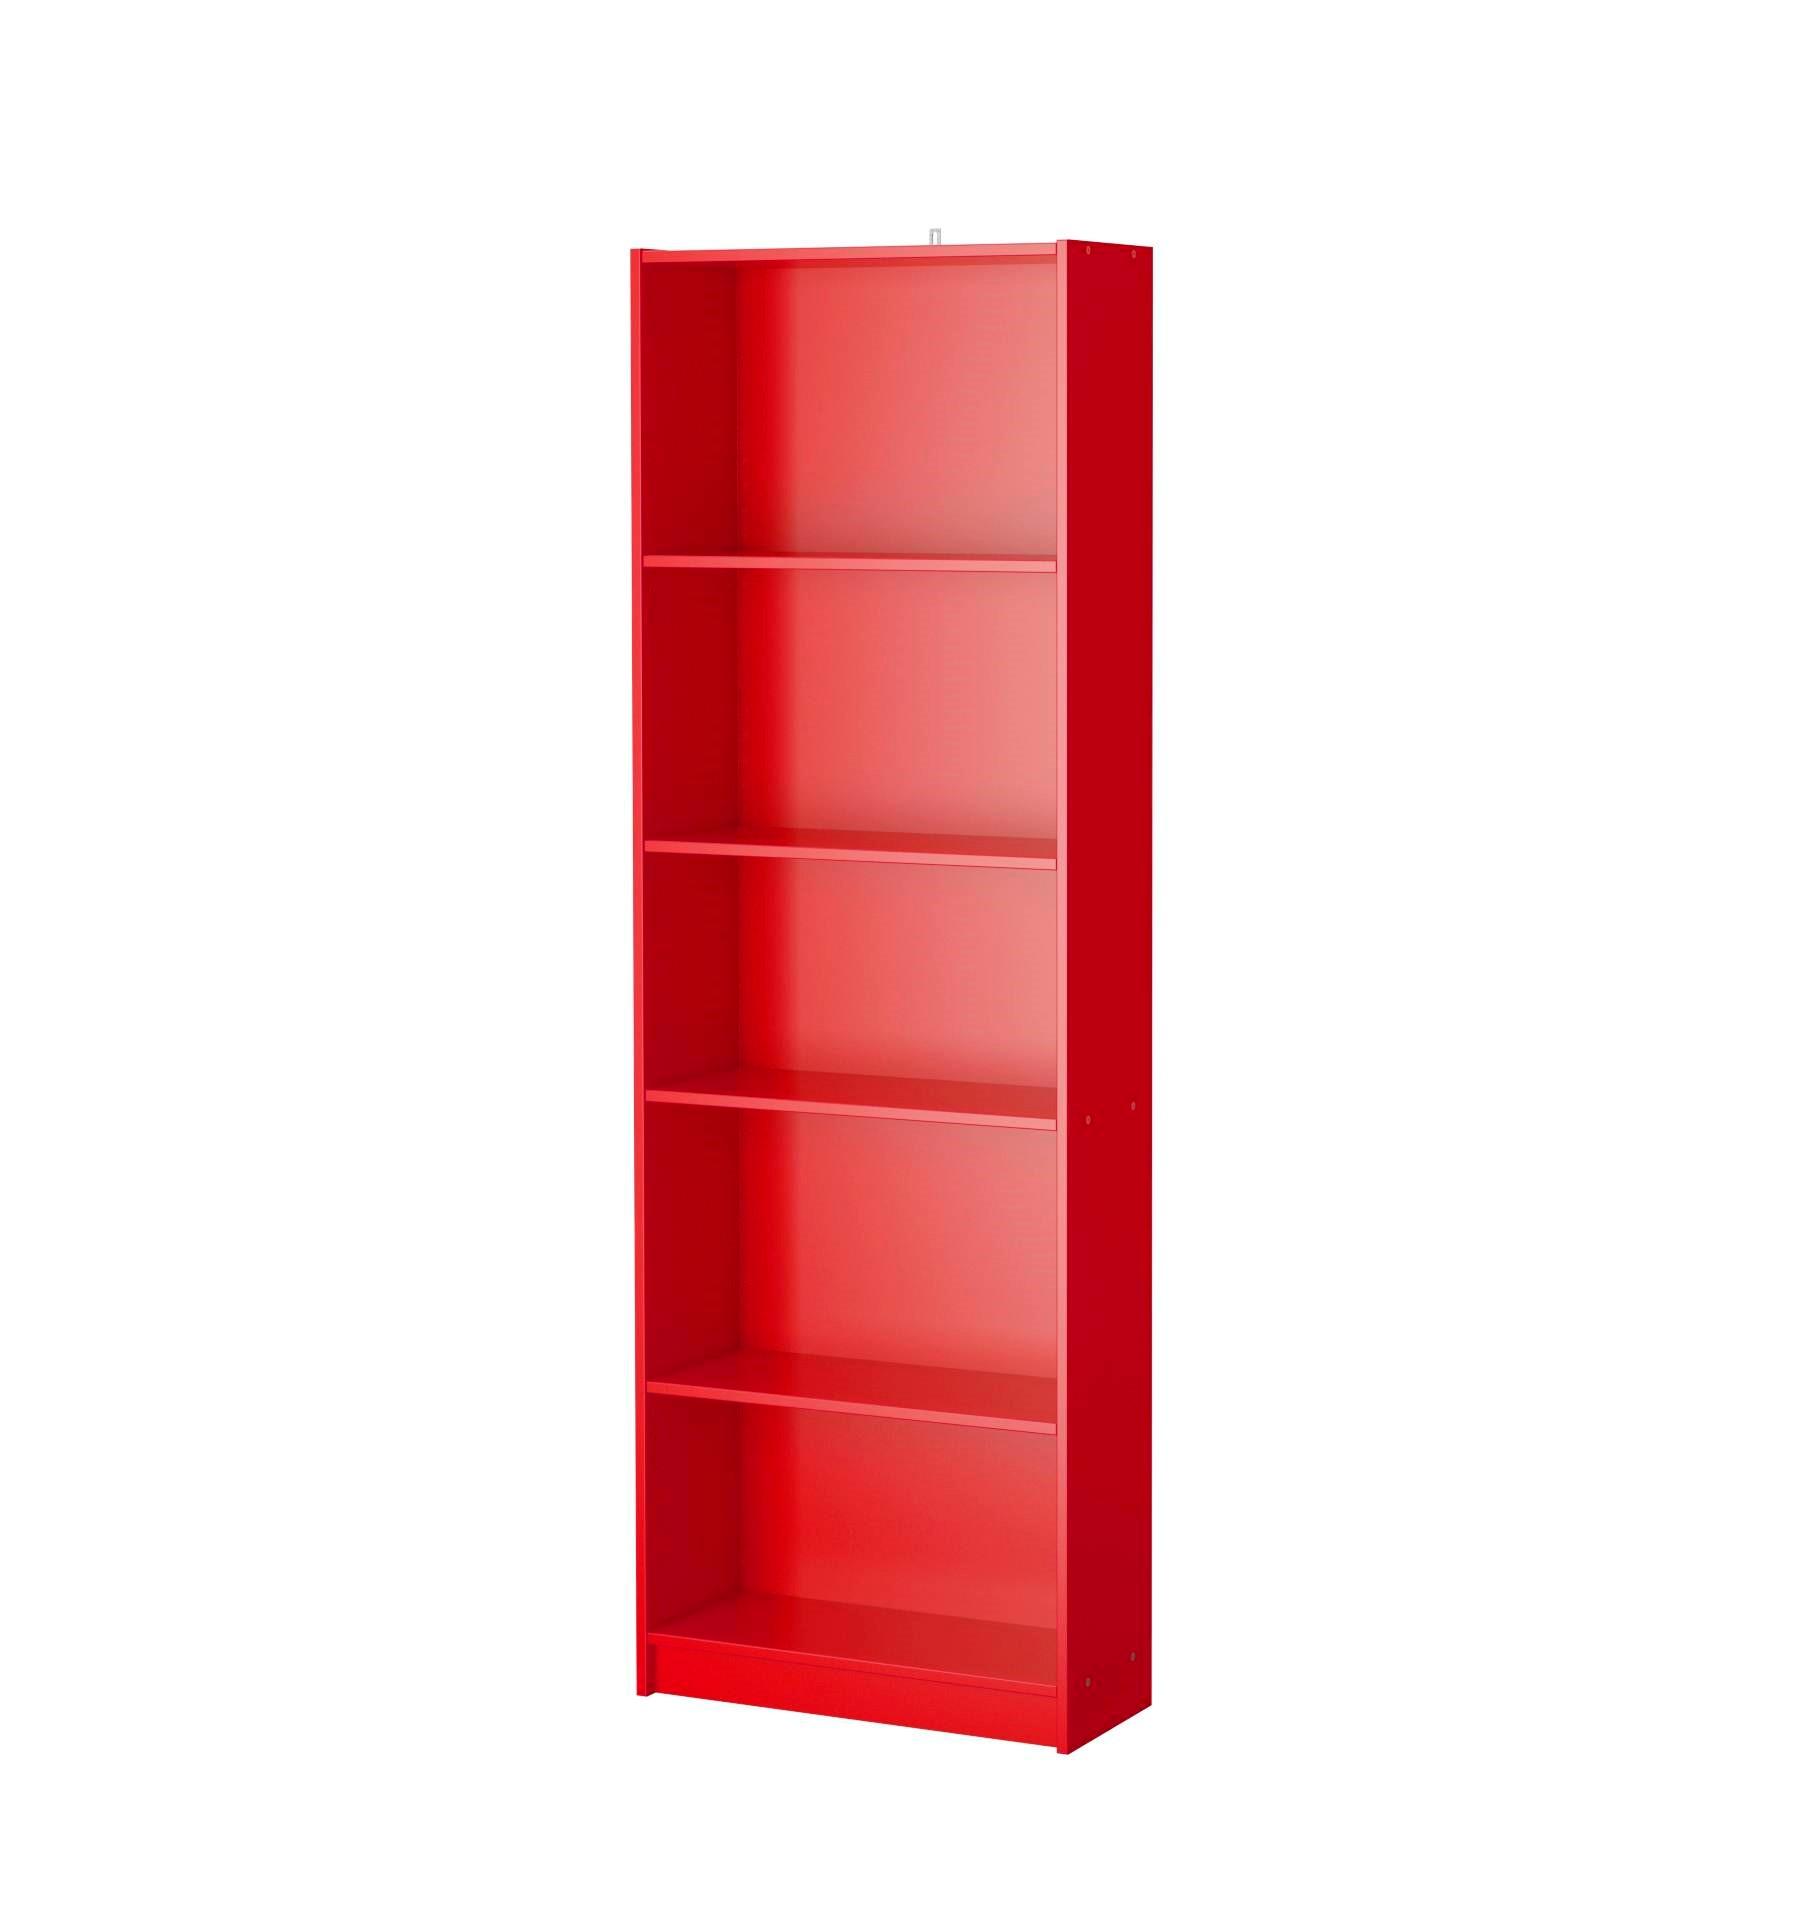 20140718FINNBY紅色書櫃_原價$1,295/特價$799  圖片提供_IKEA